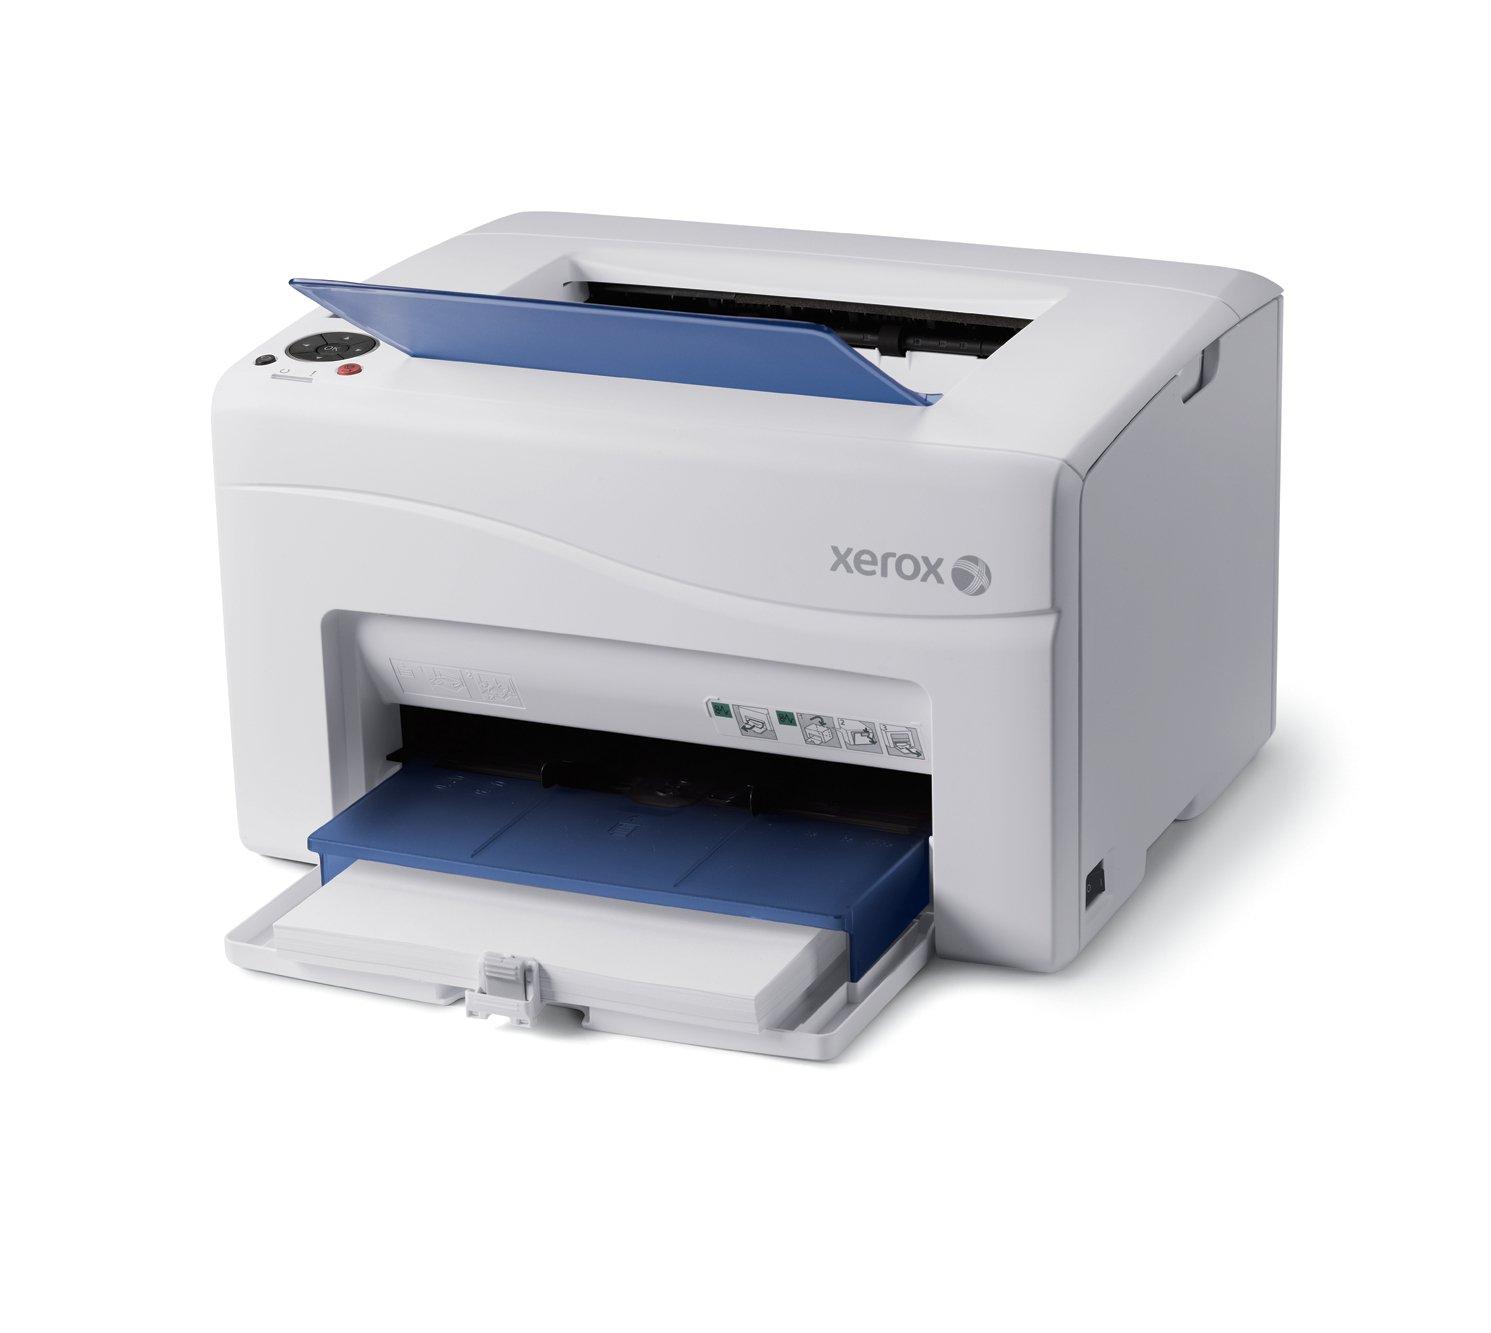 Xerox color laser printers - Xerox Color Laser Printers 15